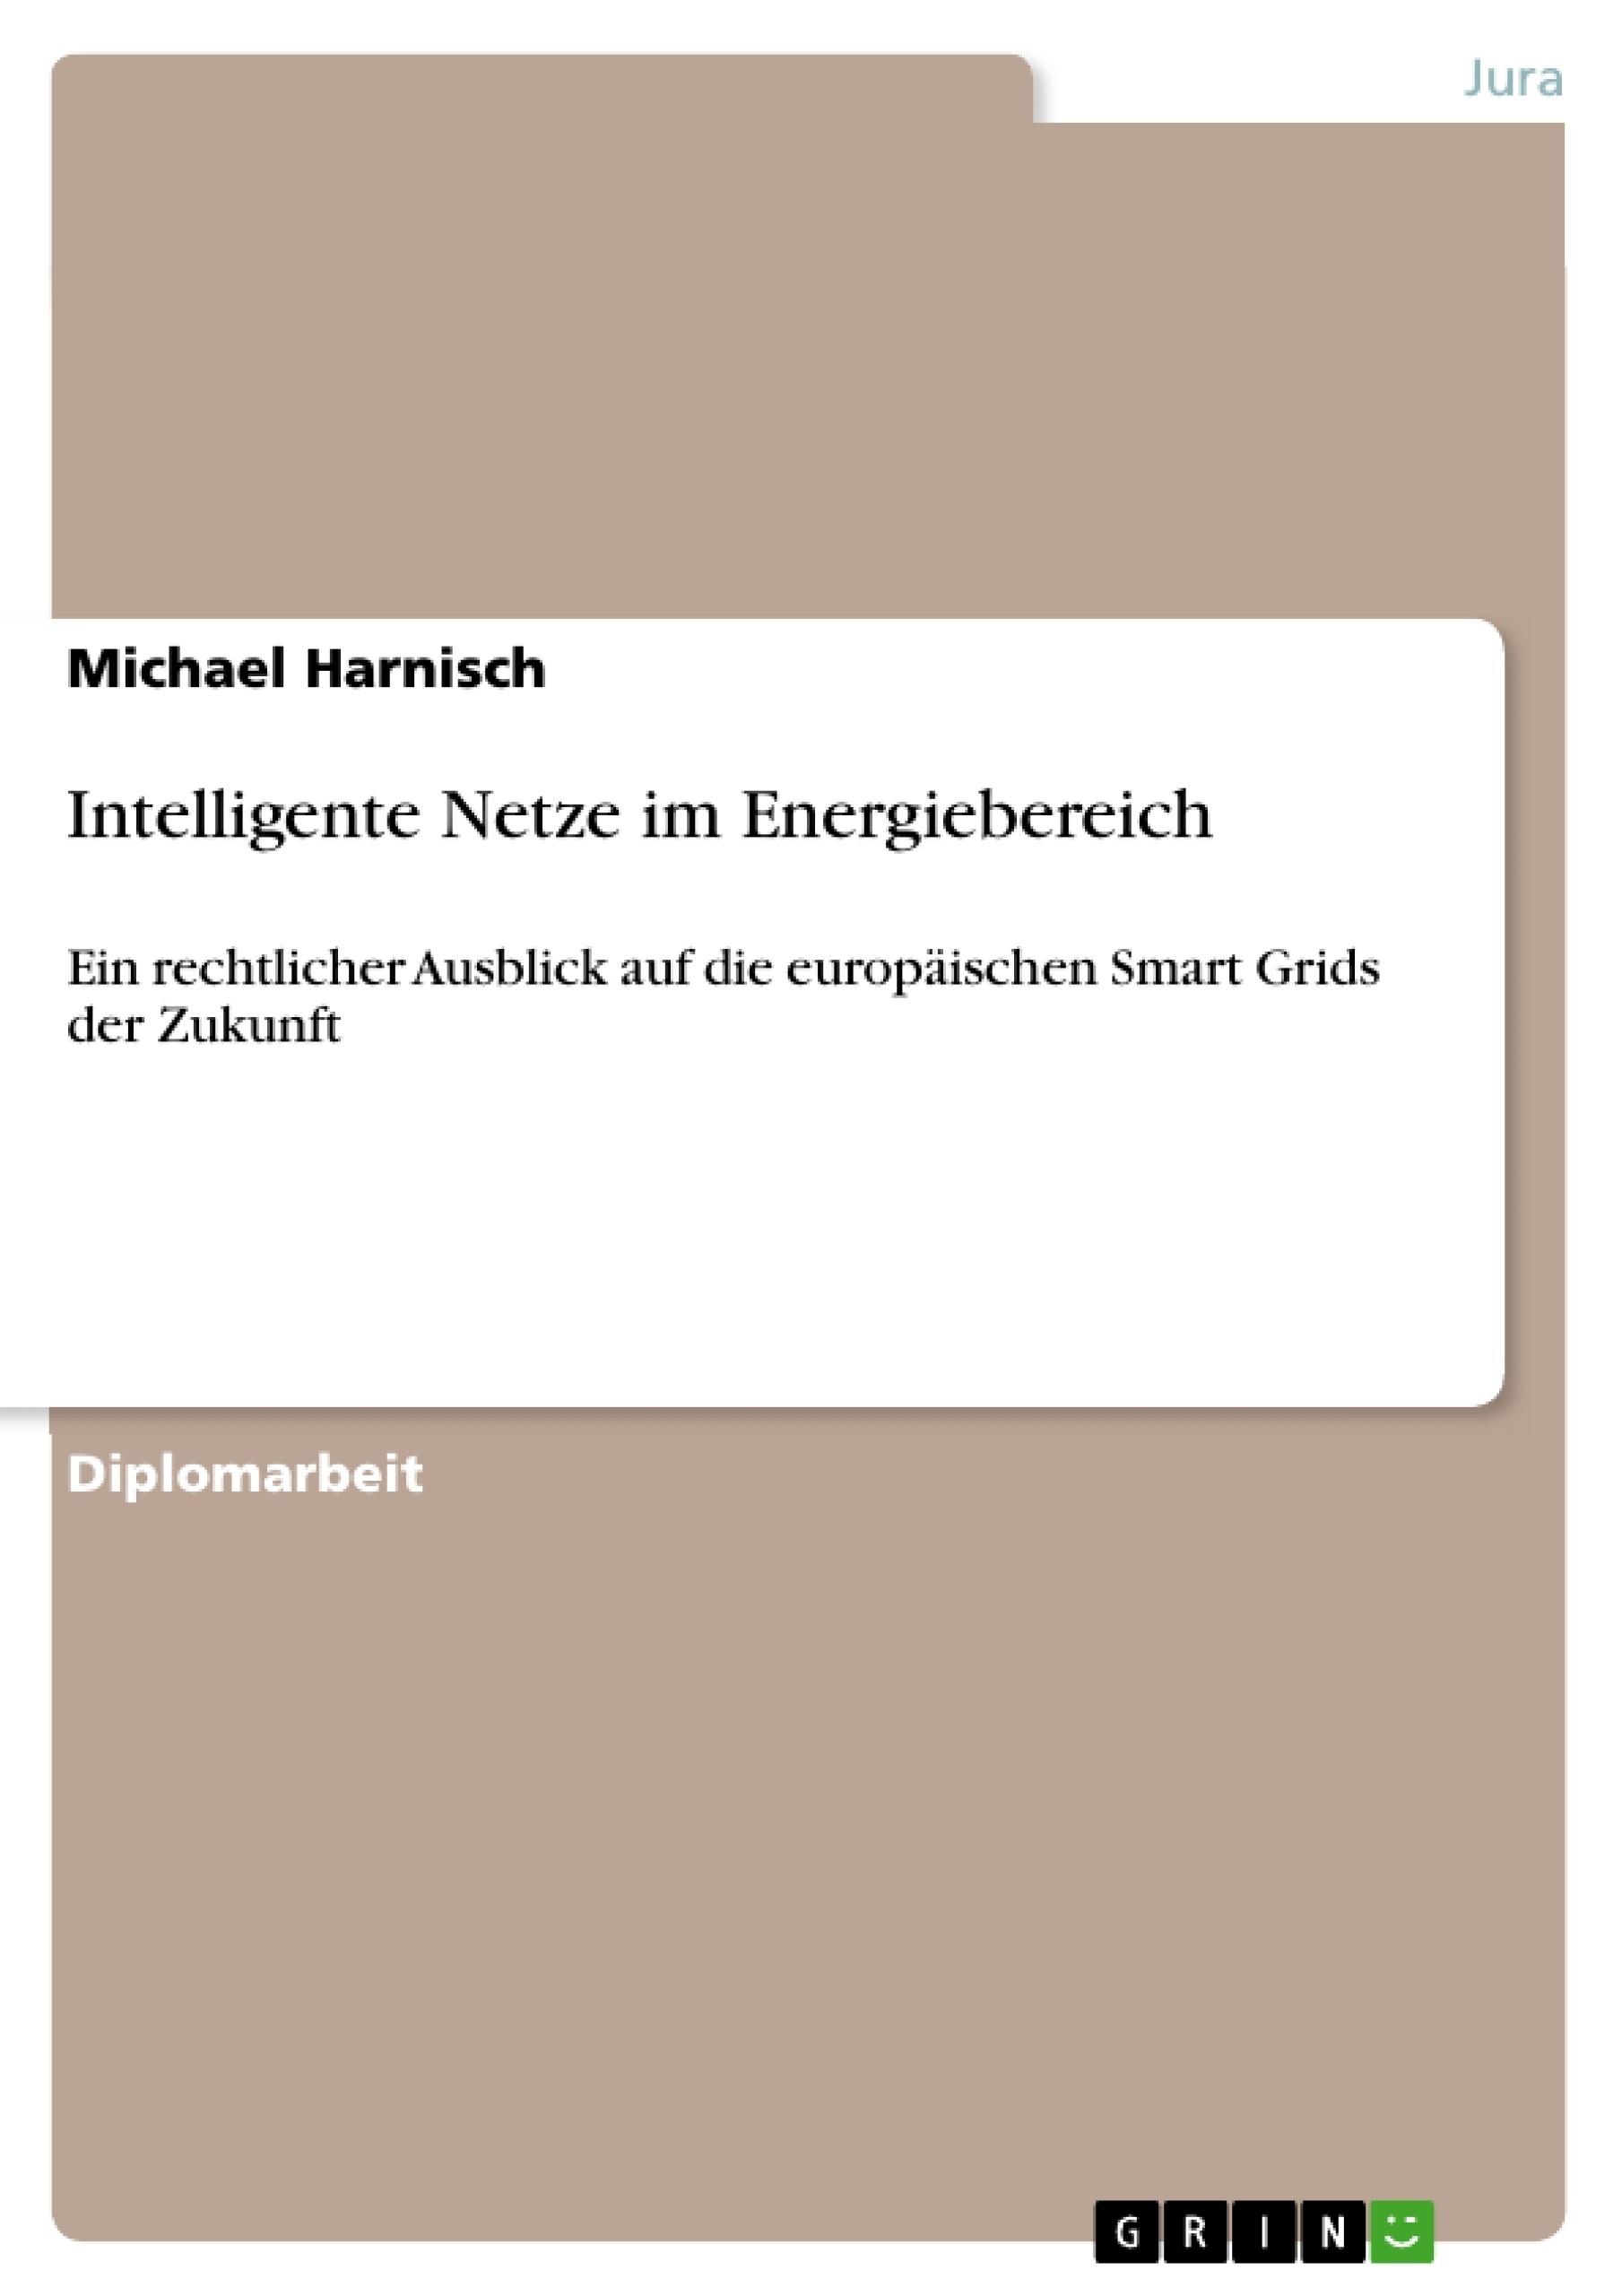 Titel: Intelligente Netze im Energiebereich